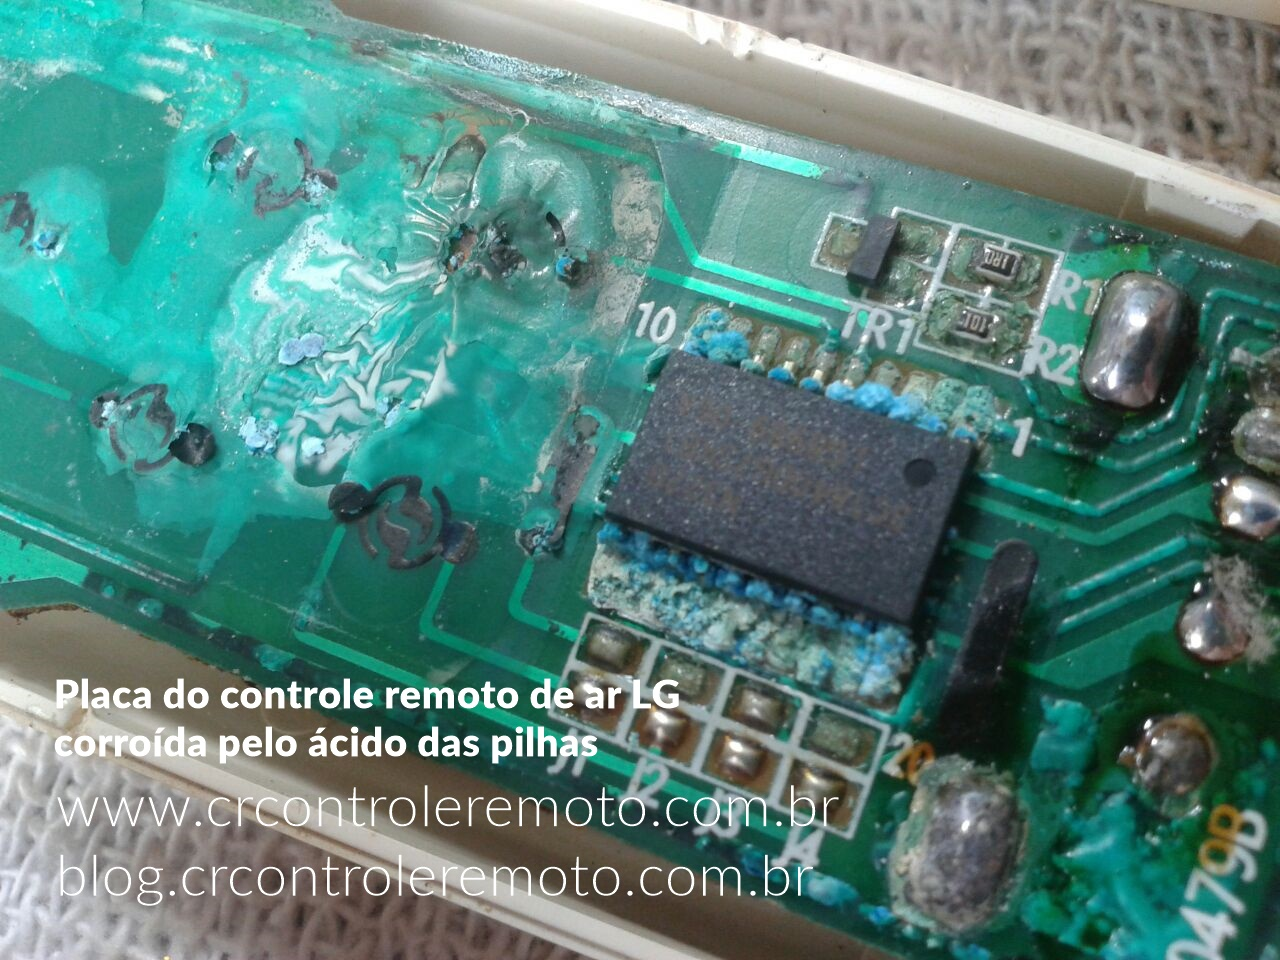 Placa do controle remoto de ar LG corroída pelo ácido das pilhas